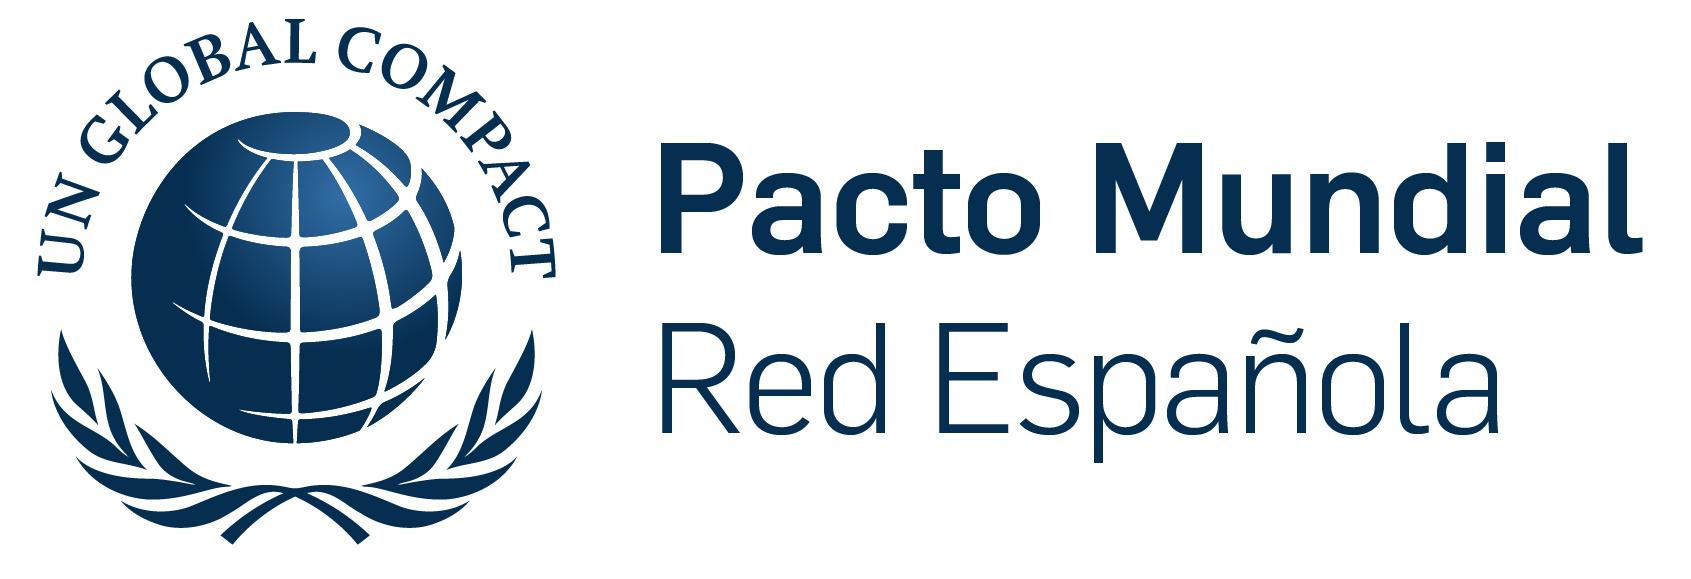 Formamos parte de la red española del Pacto Mundial - PCG Barcelona